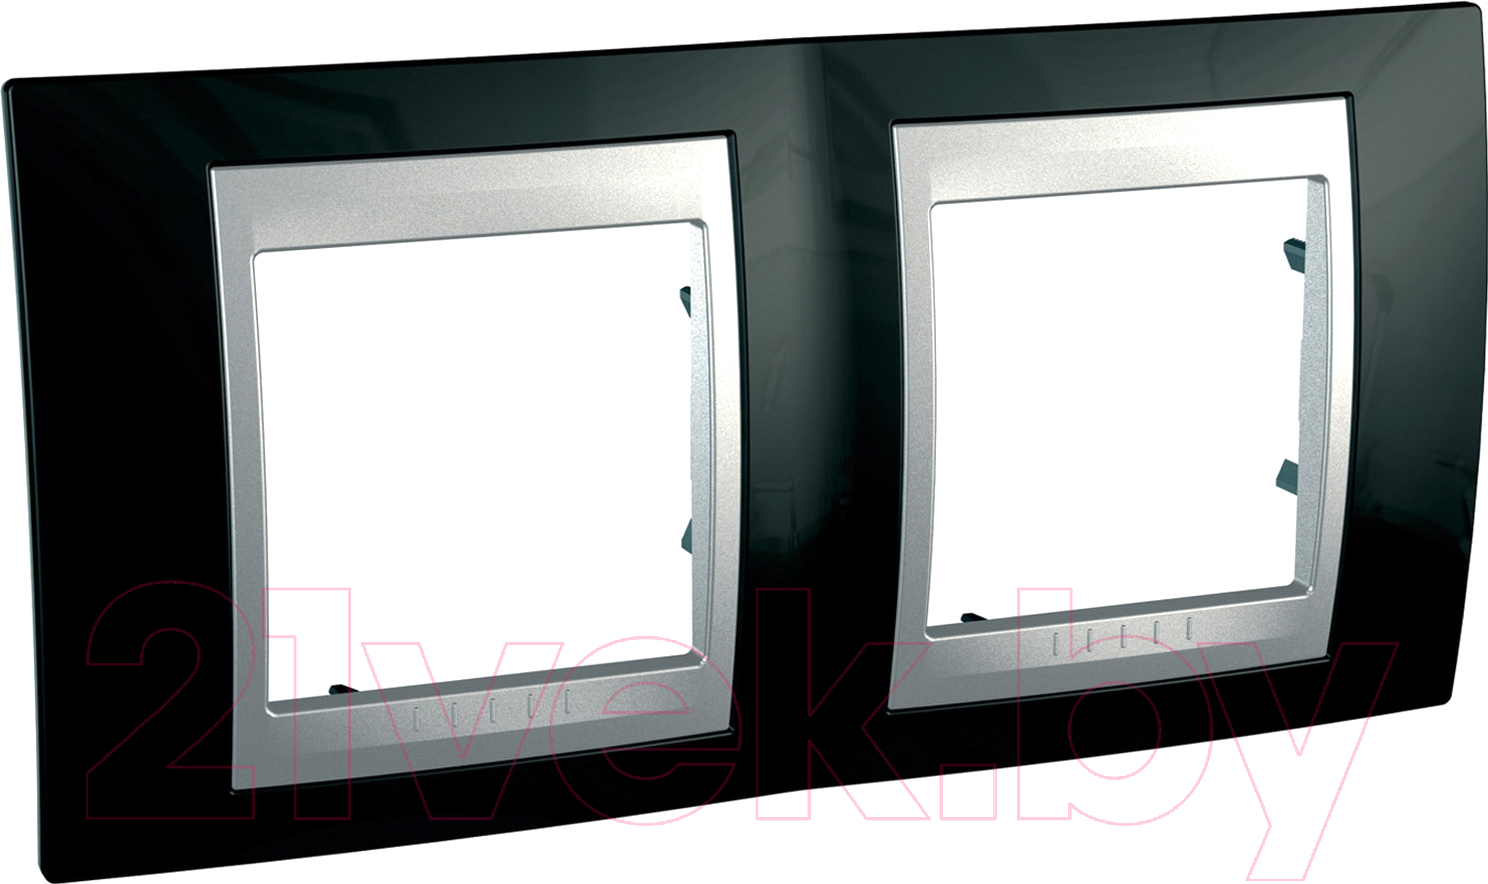 Купить Рамка для выключателя Schneider Electric, Unica MGU66.004.093, Россия, сплав поликарбоната и ASA-пластика, Unica Top (Schneider Electric)